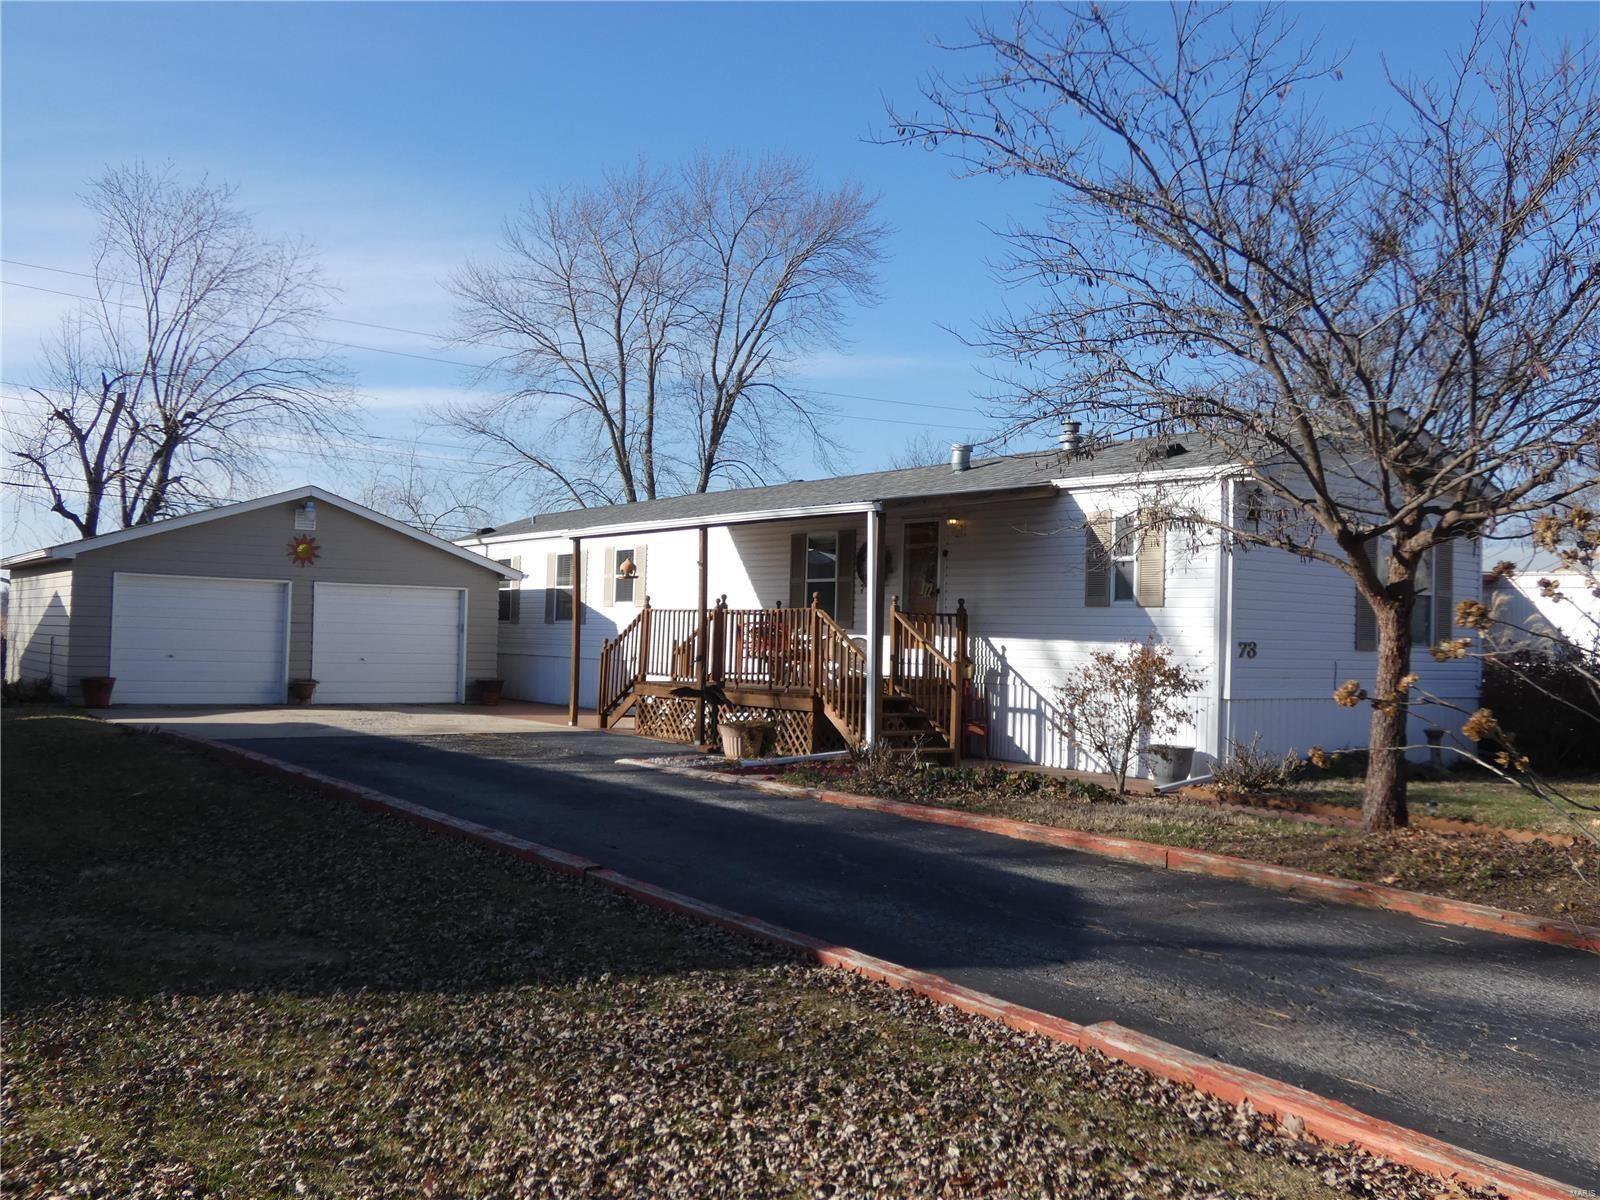 73 Acordi Drive, Caseyville, IL 62232 - MLS#: 20002623